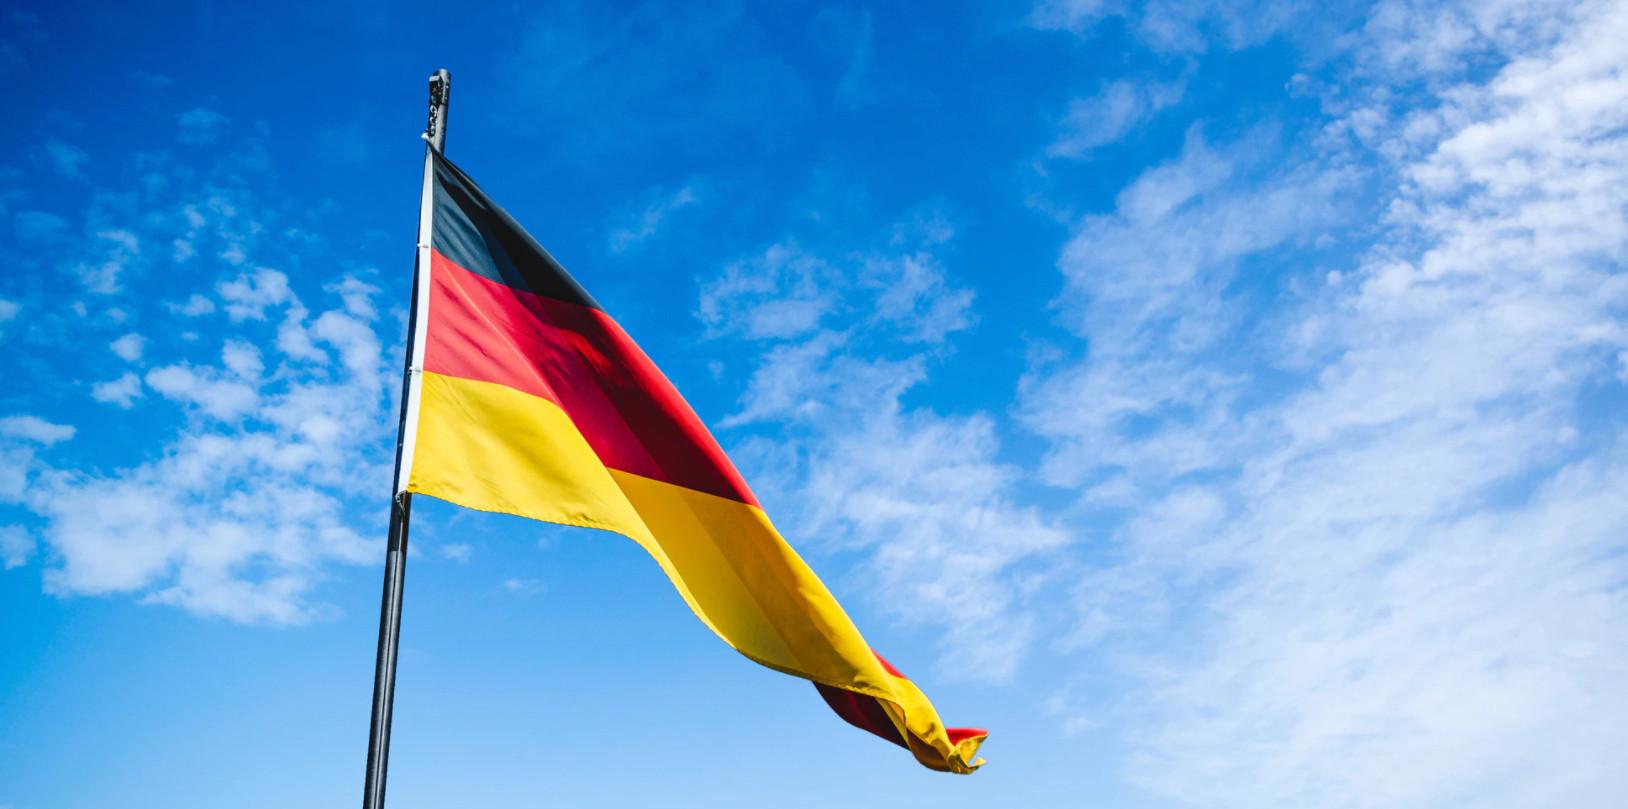 Niemcy: dziś decyzja w sprawie dalszego lockdown-u